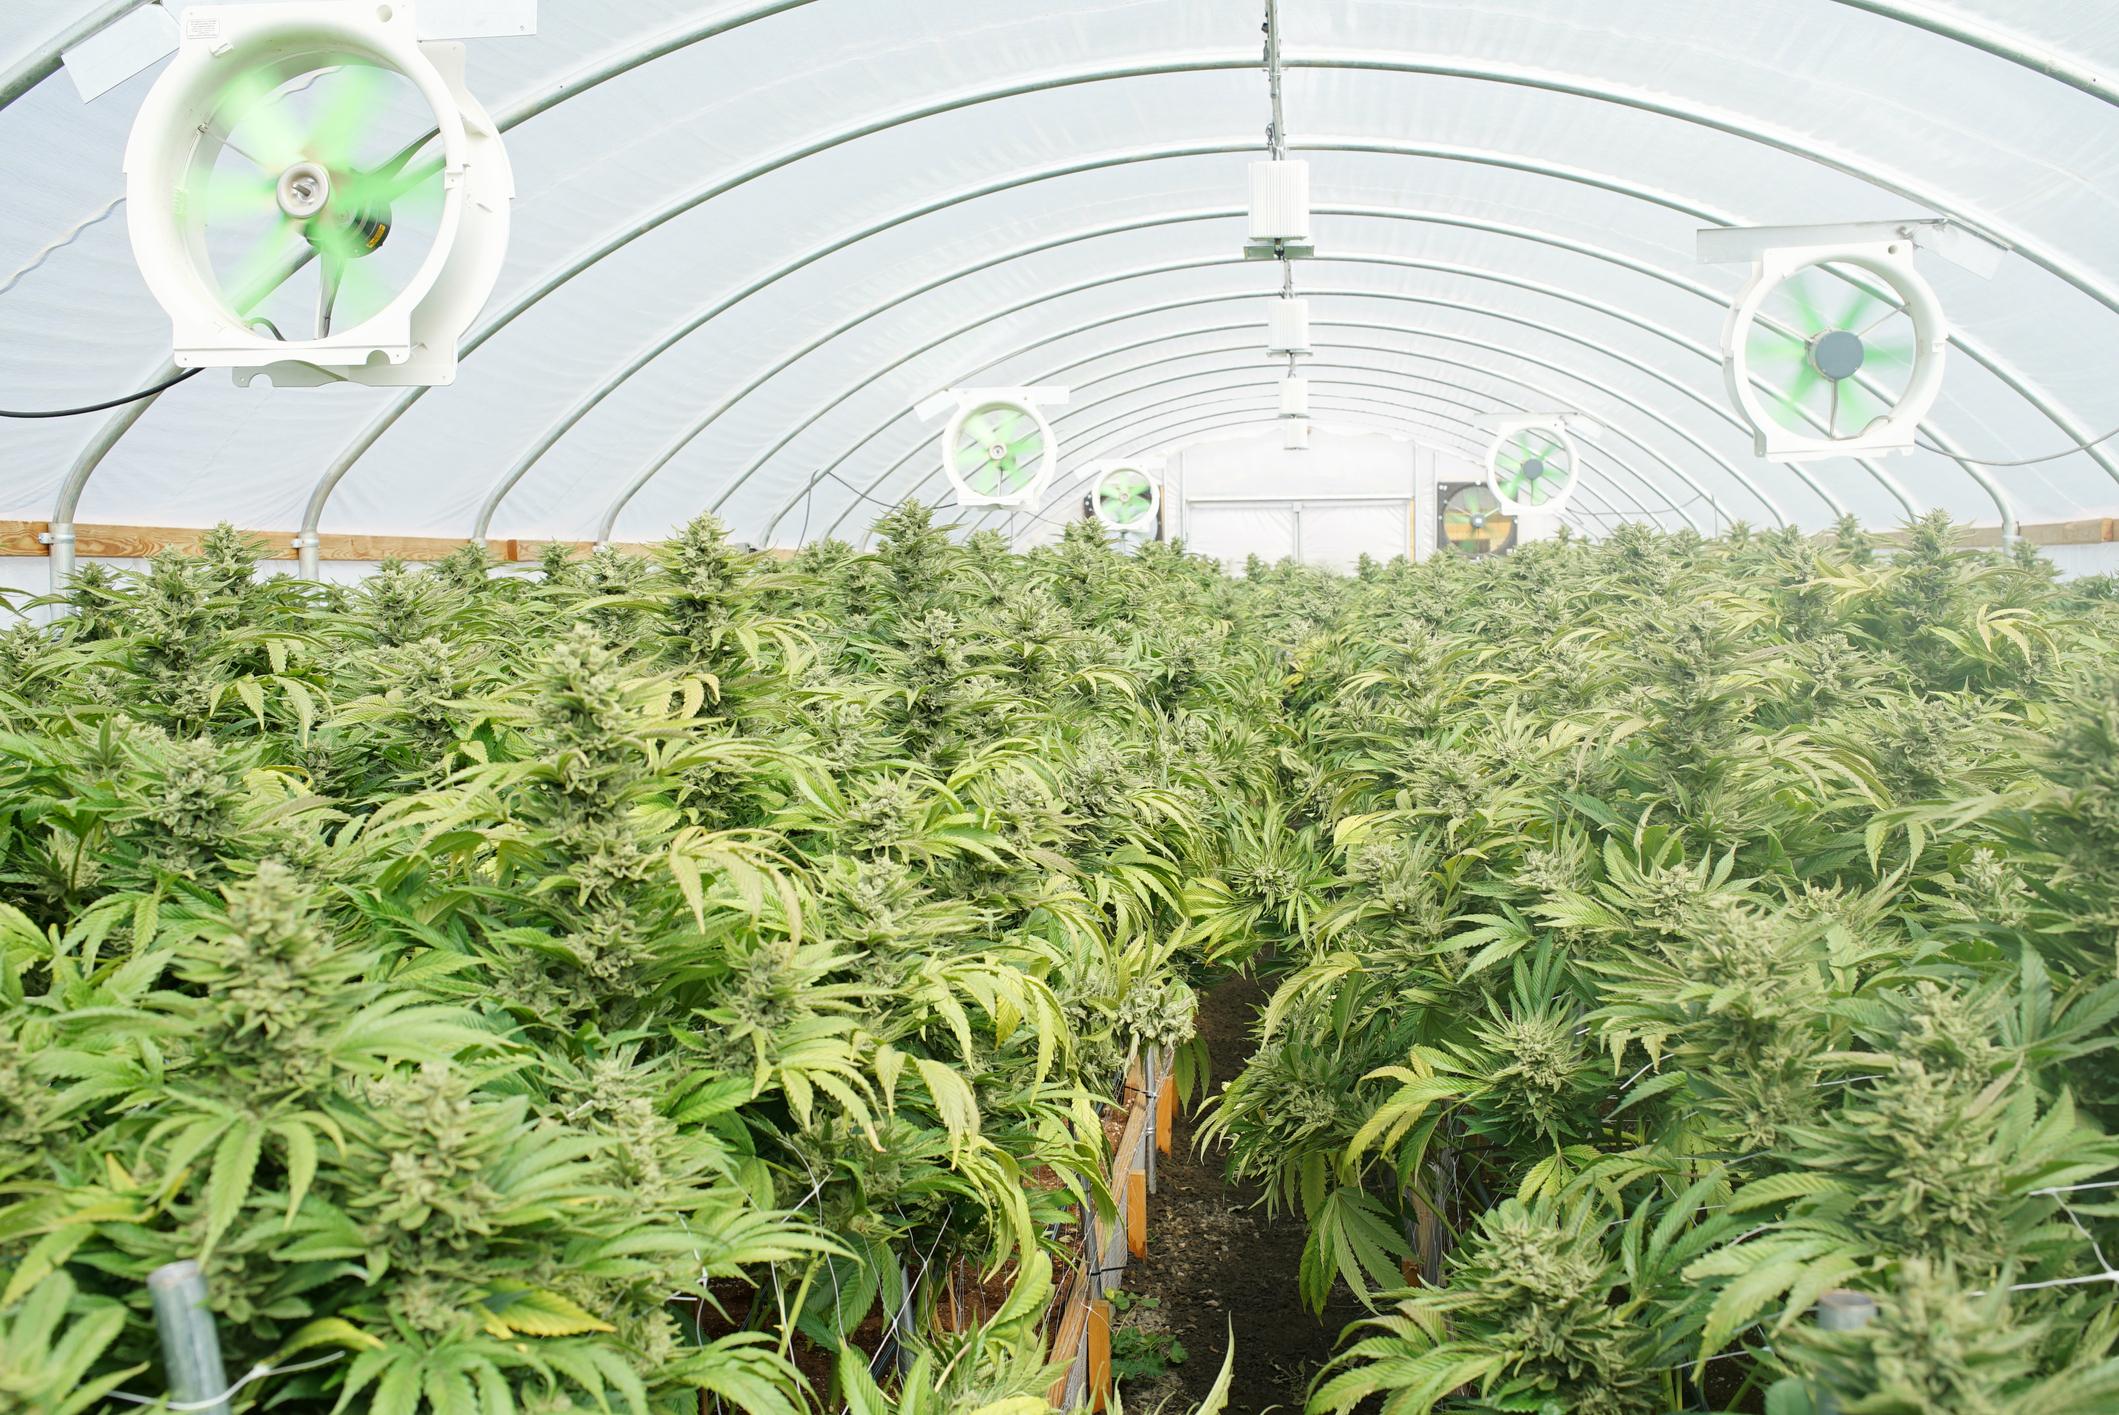 An indoor commercial cannabis farm